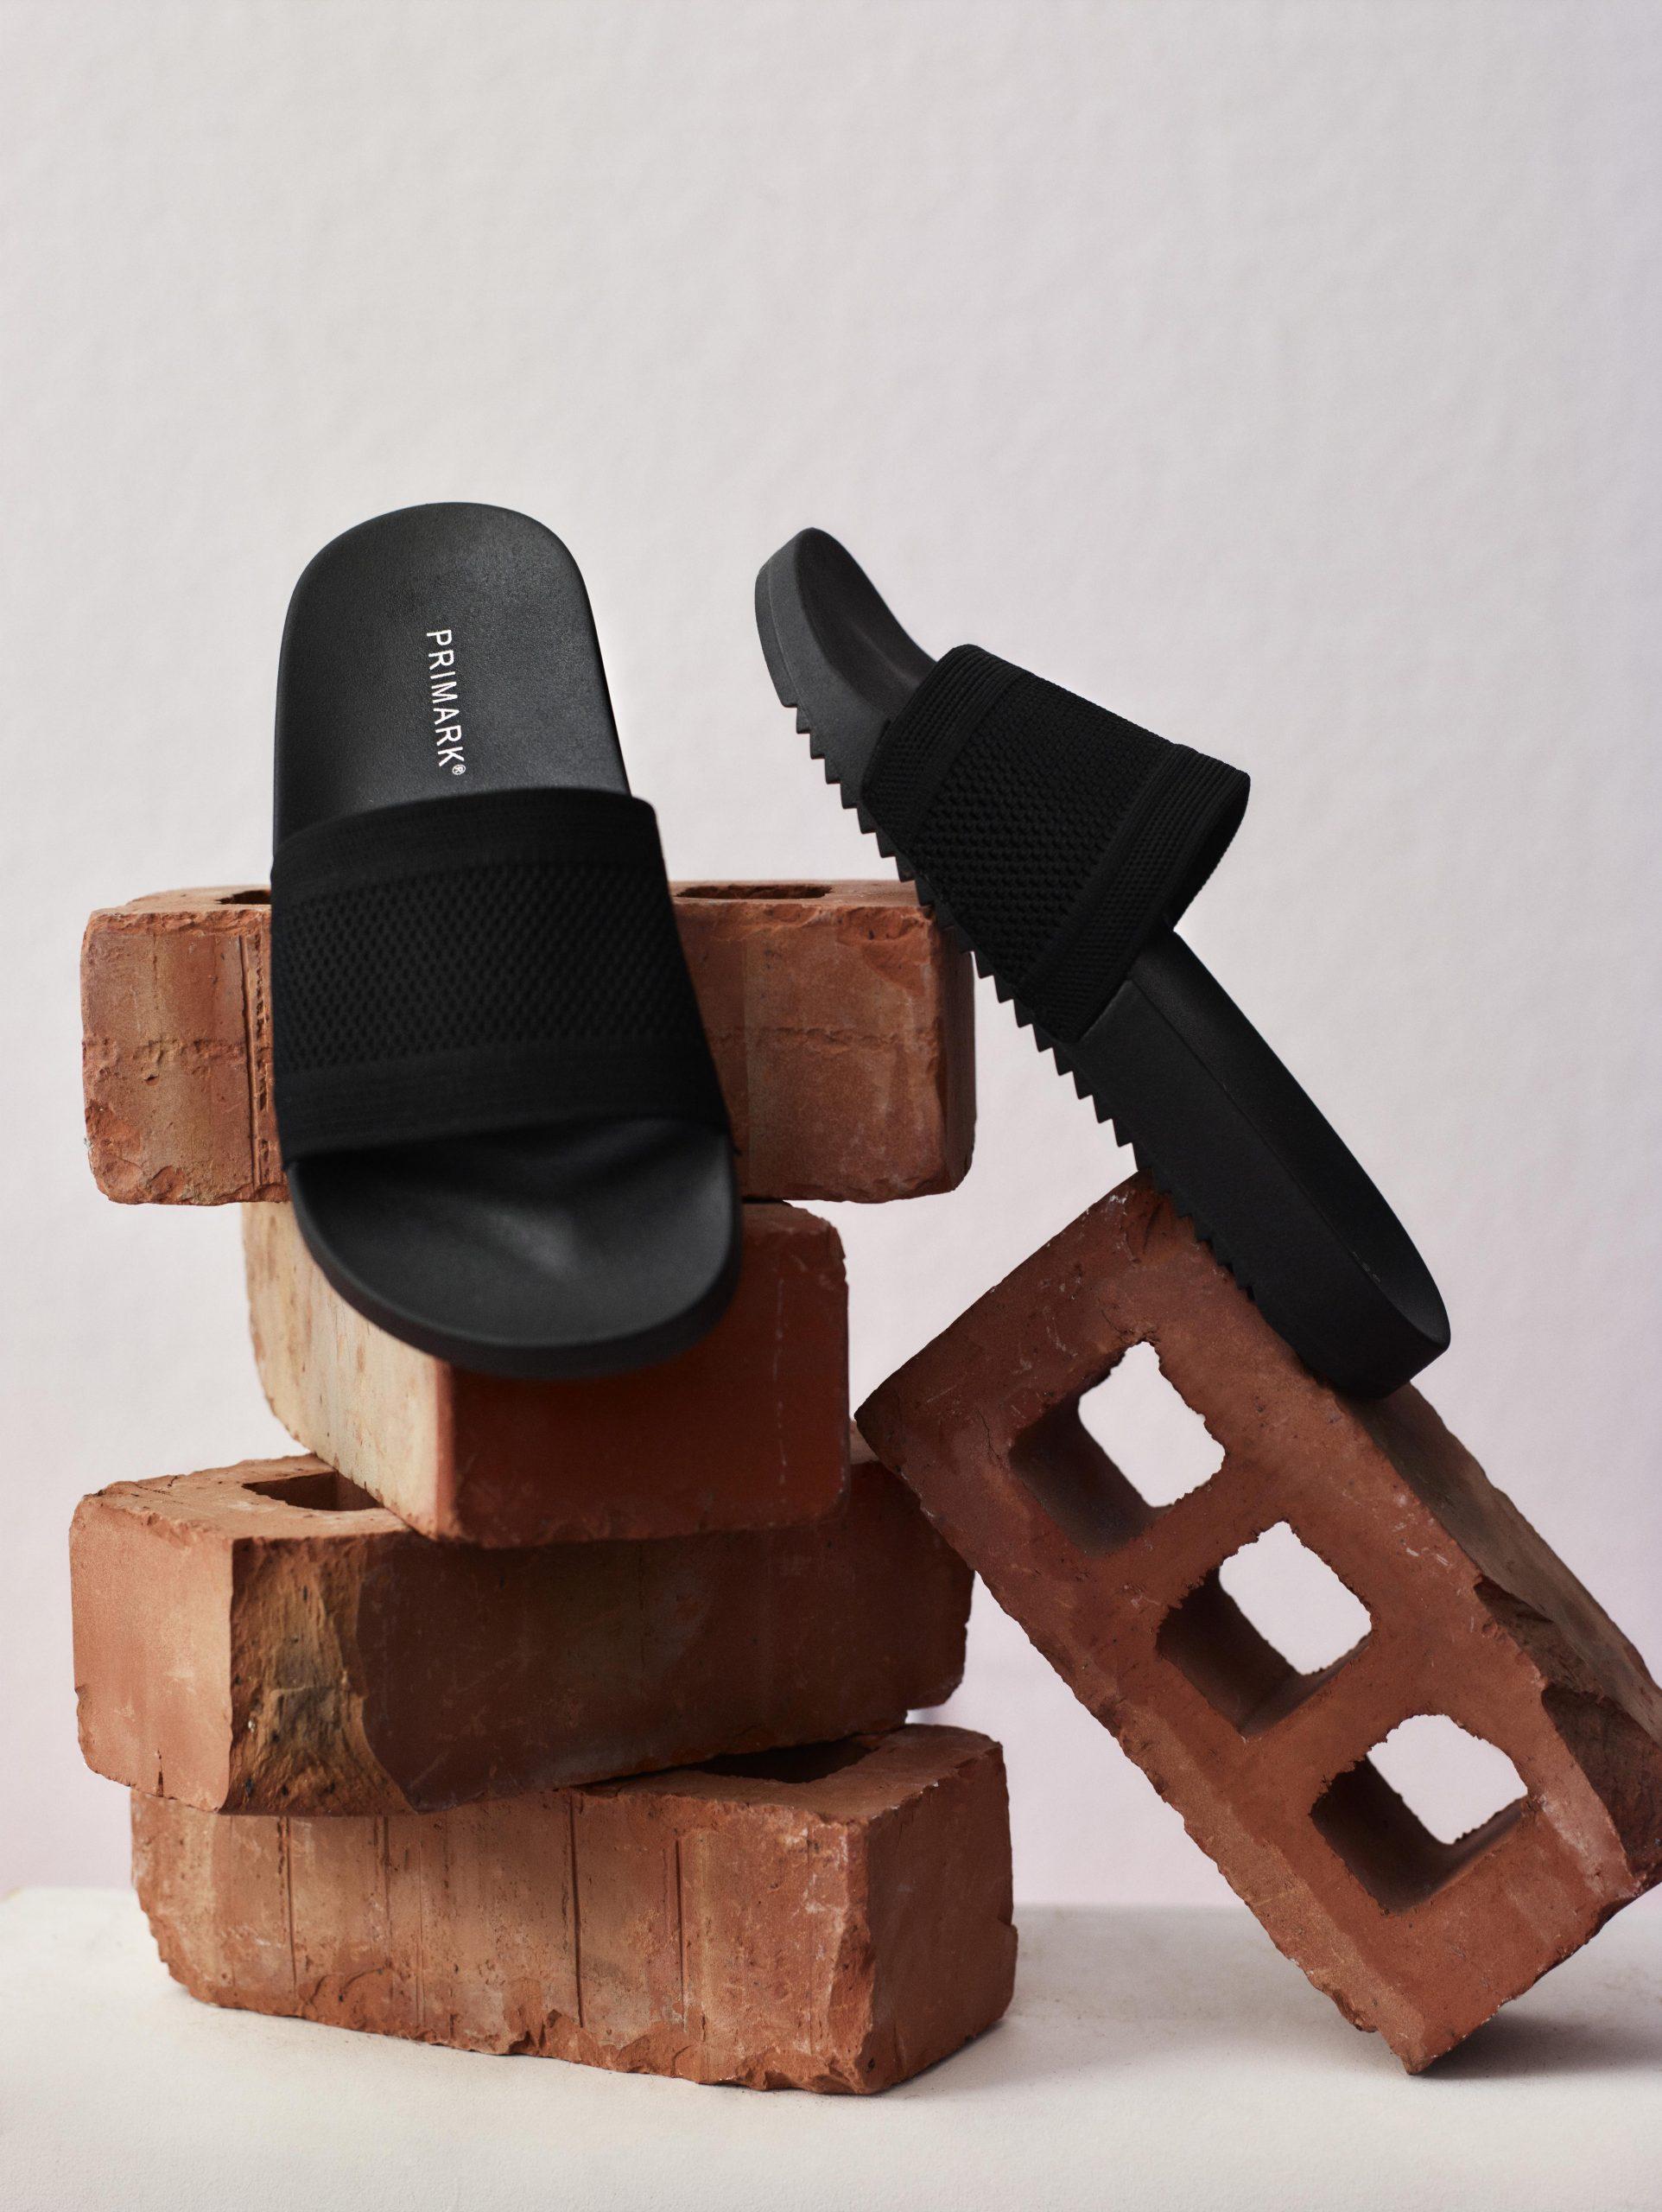 Calzado de Primark: sandalias